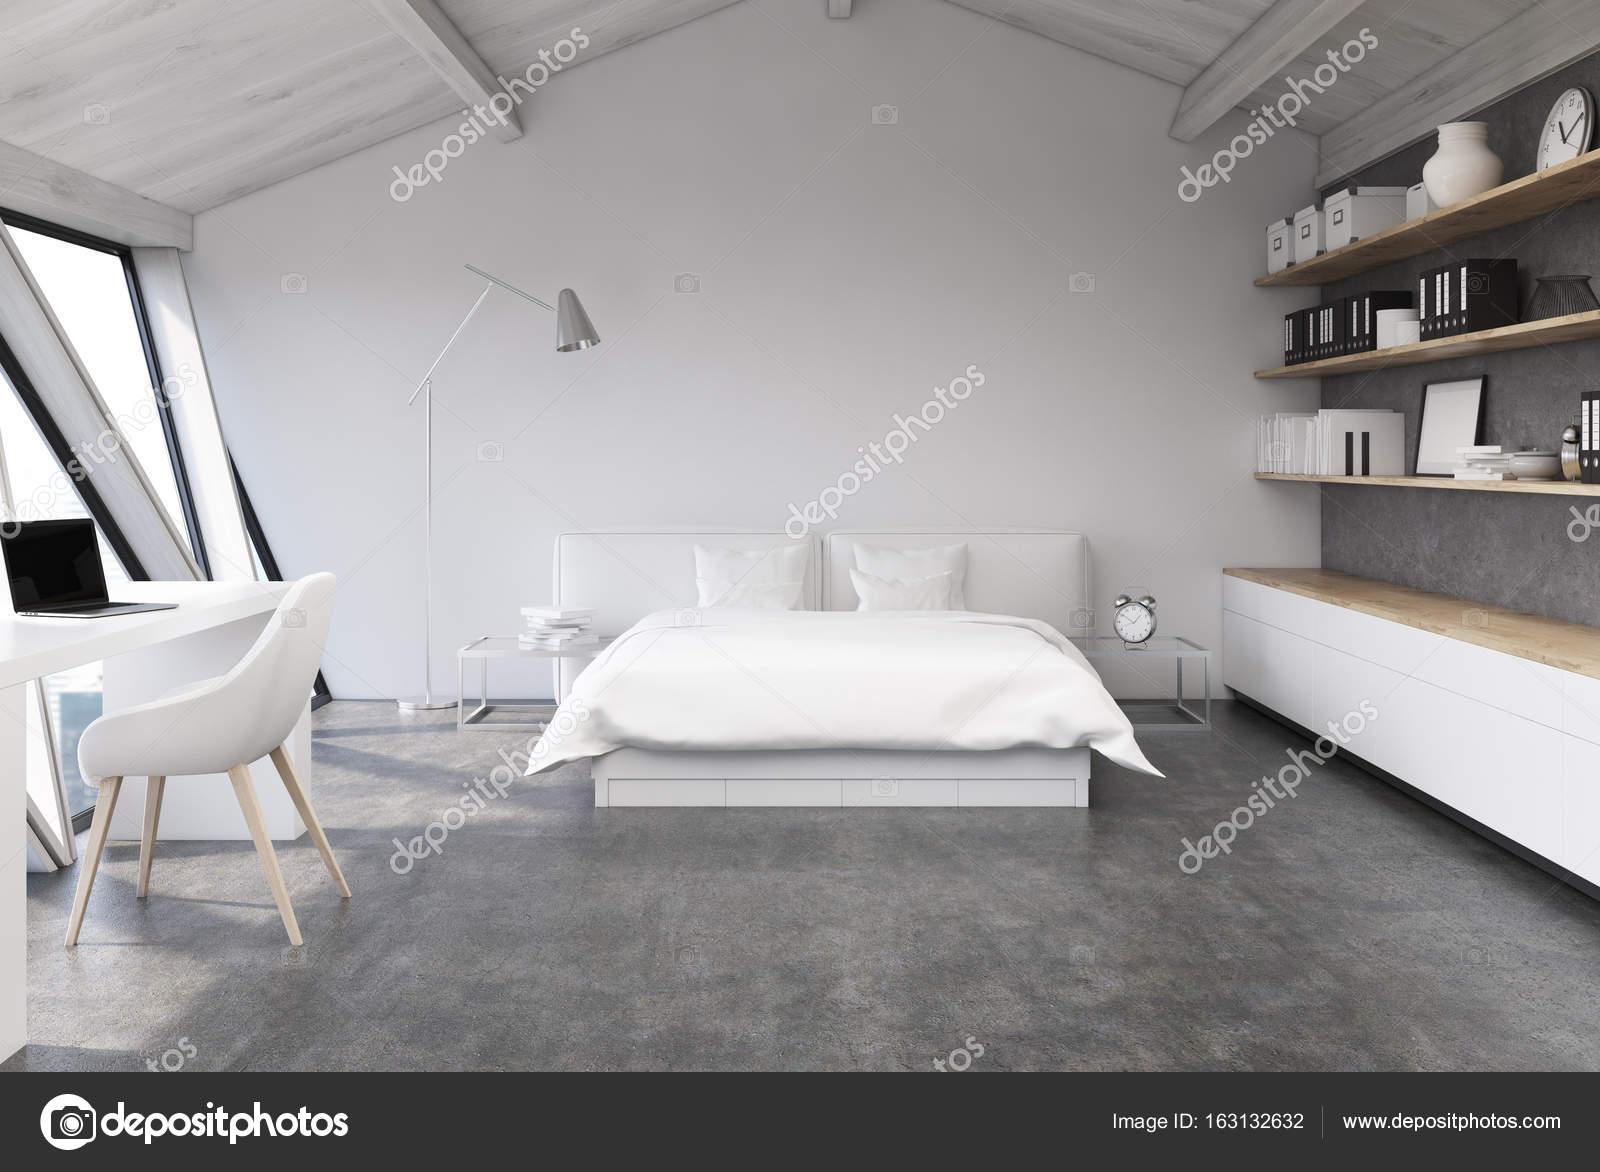 wit slaapkamer op een zolder concrete stockfoto